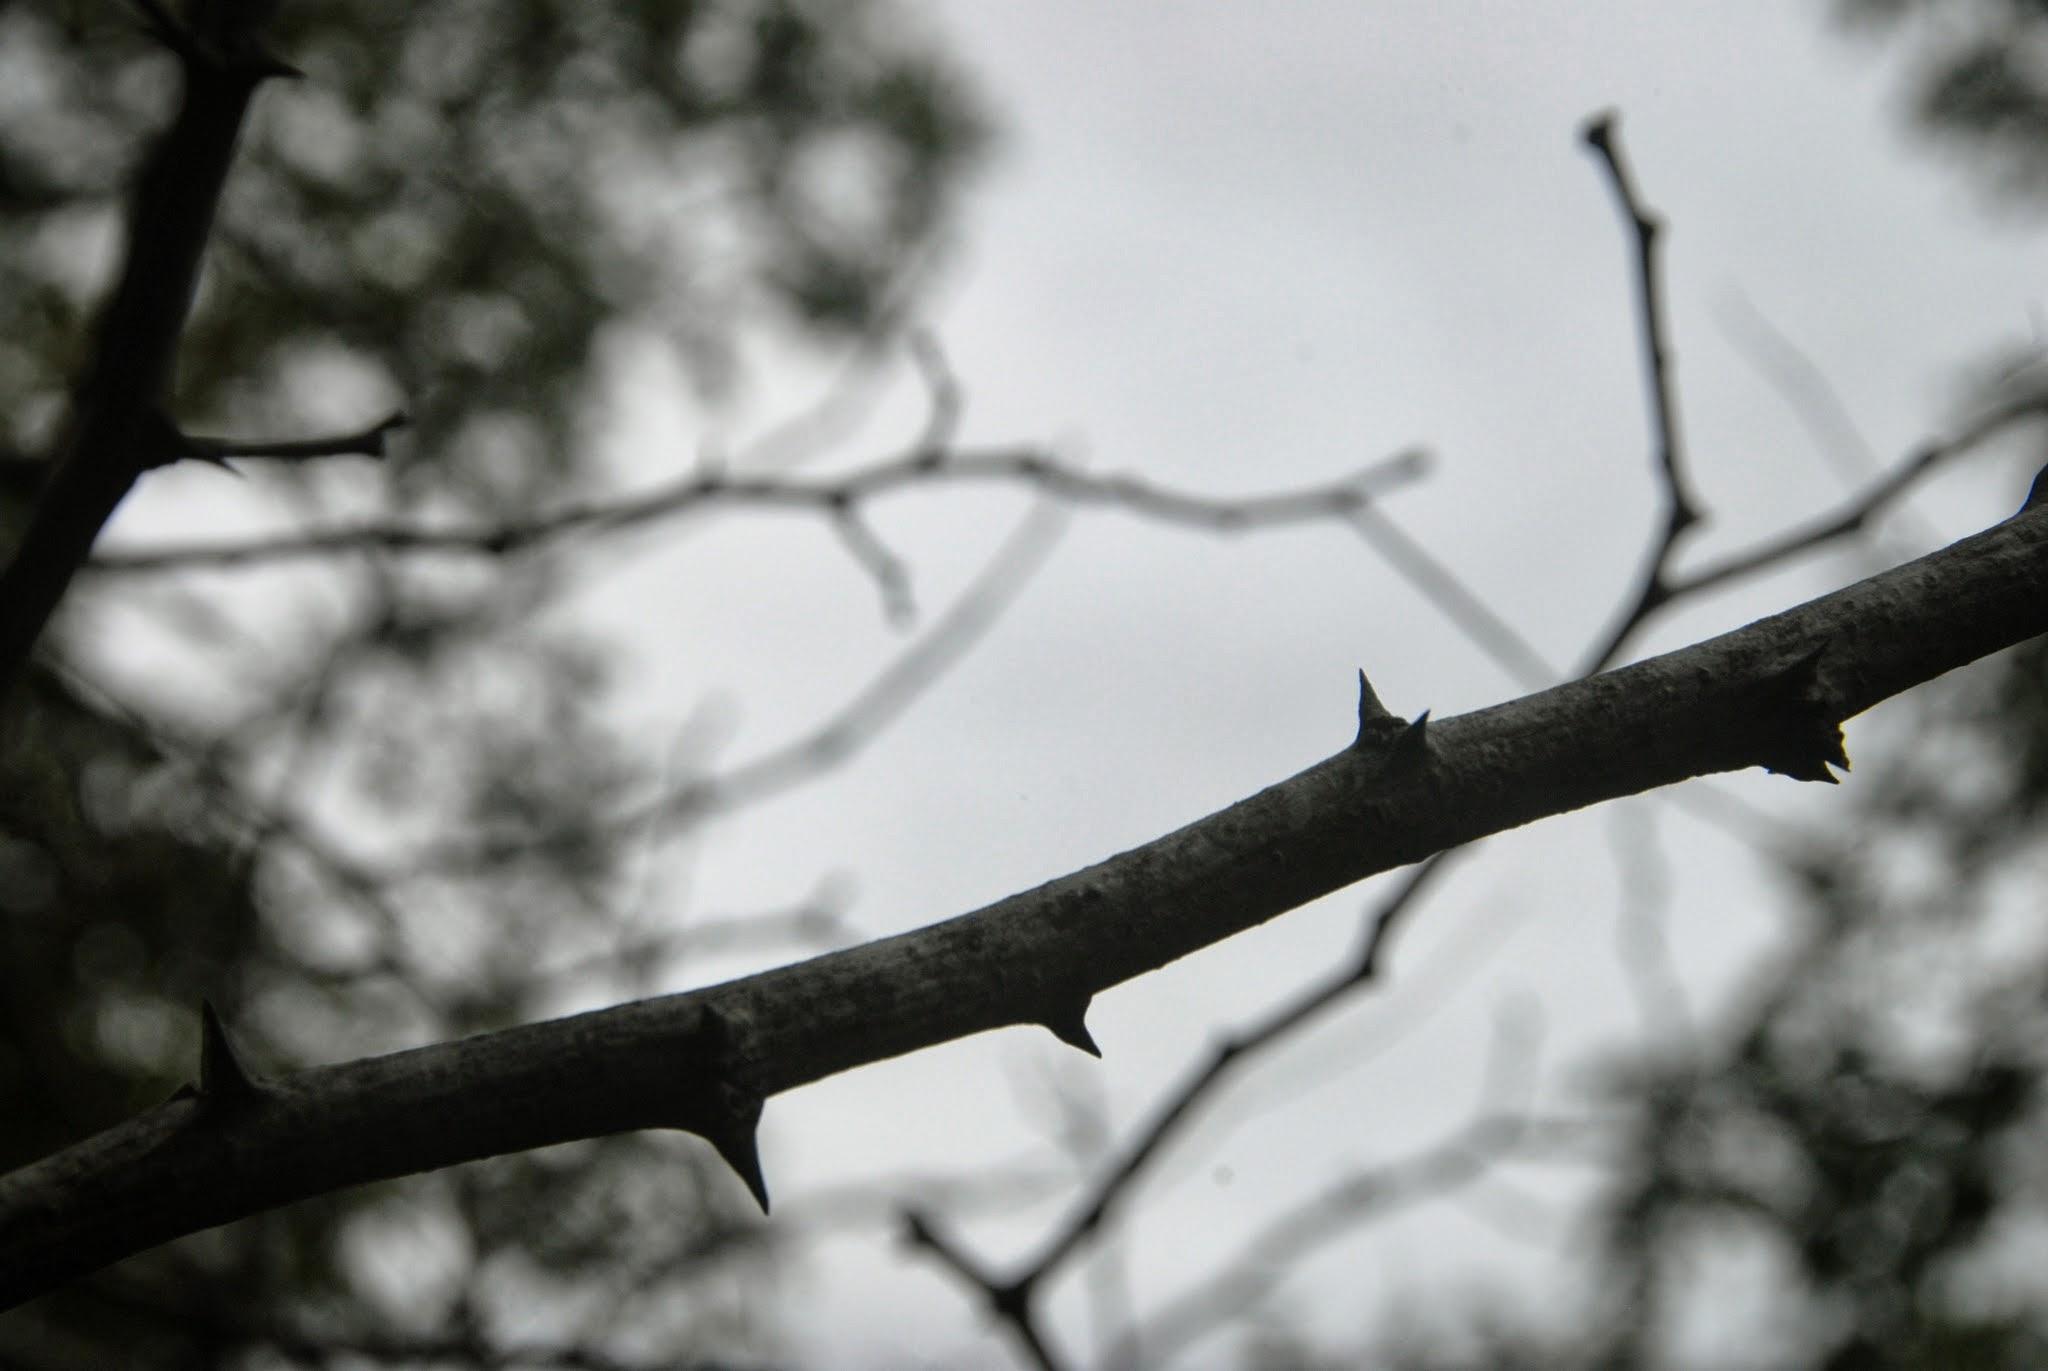 Black Locust Thorns